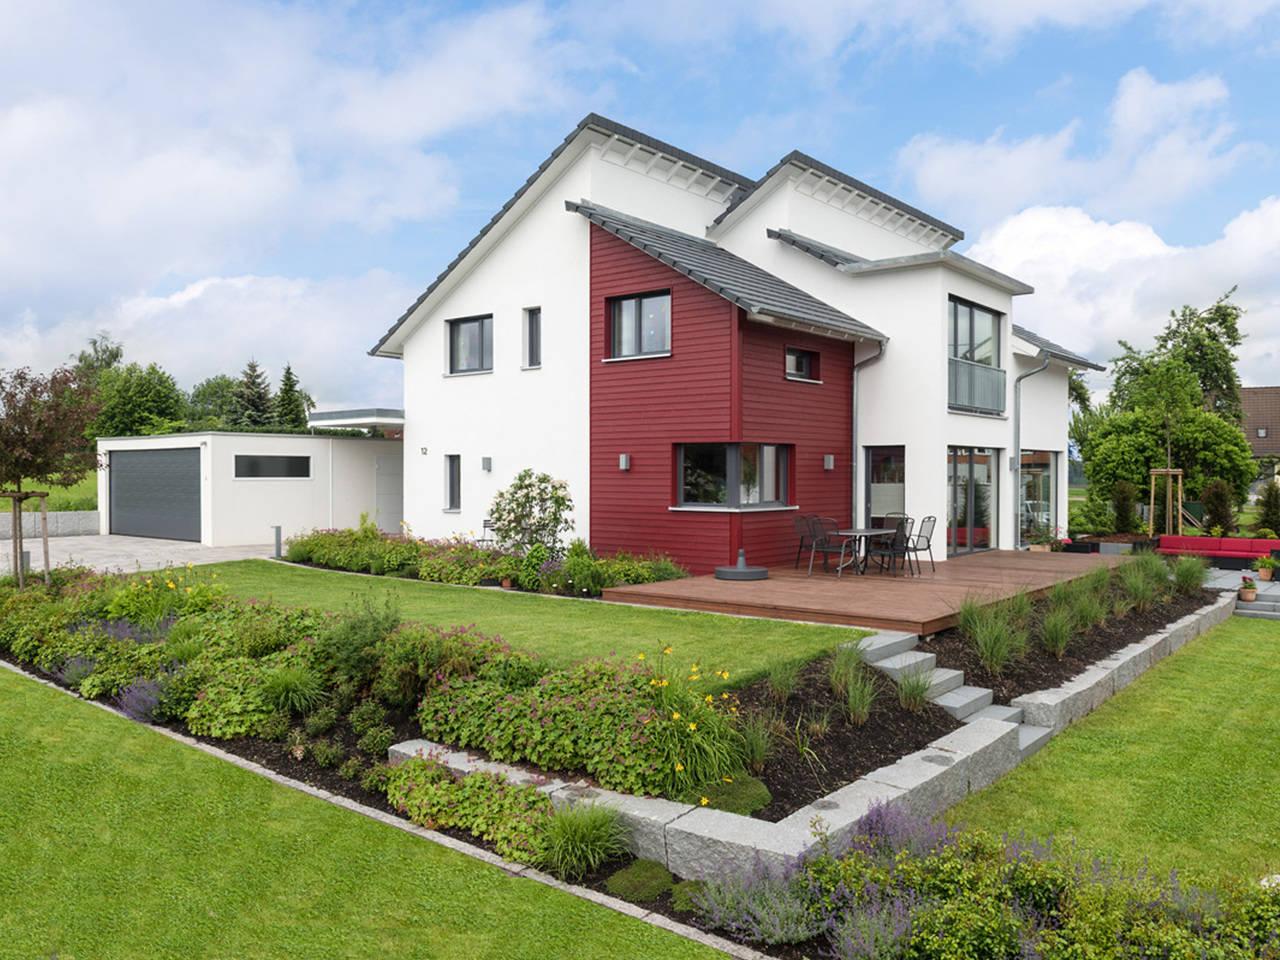 Haus Design 182 von Frammelsberger